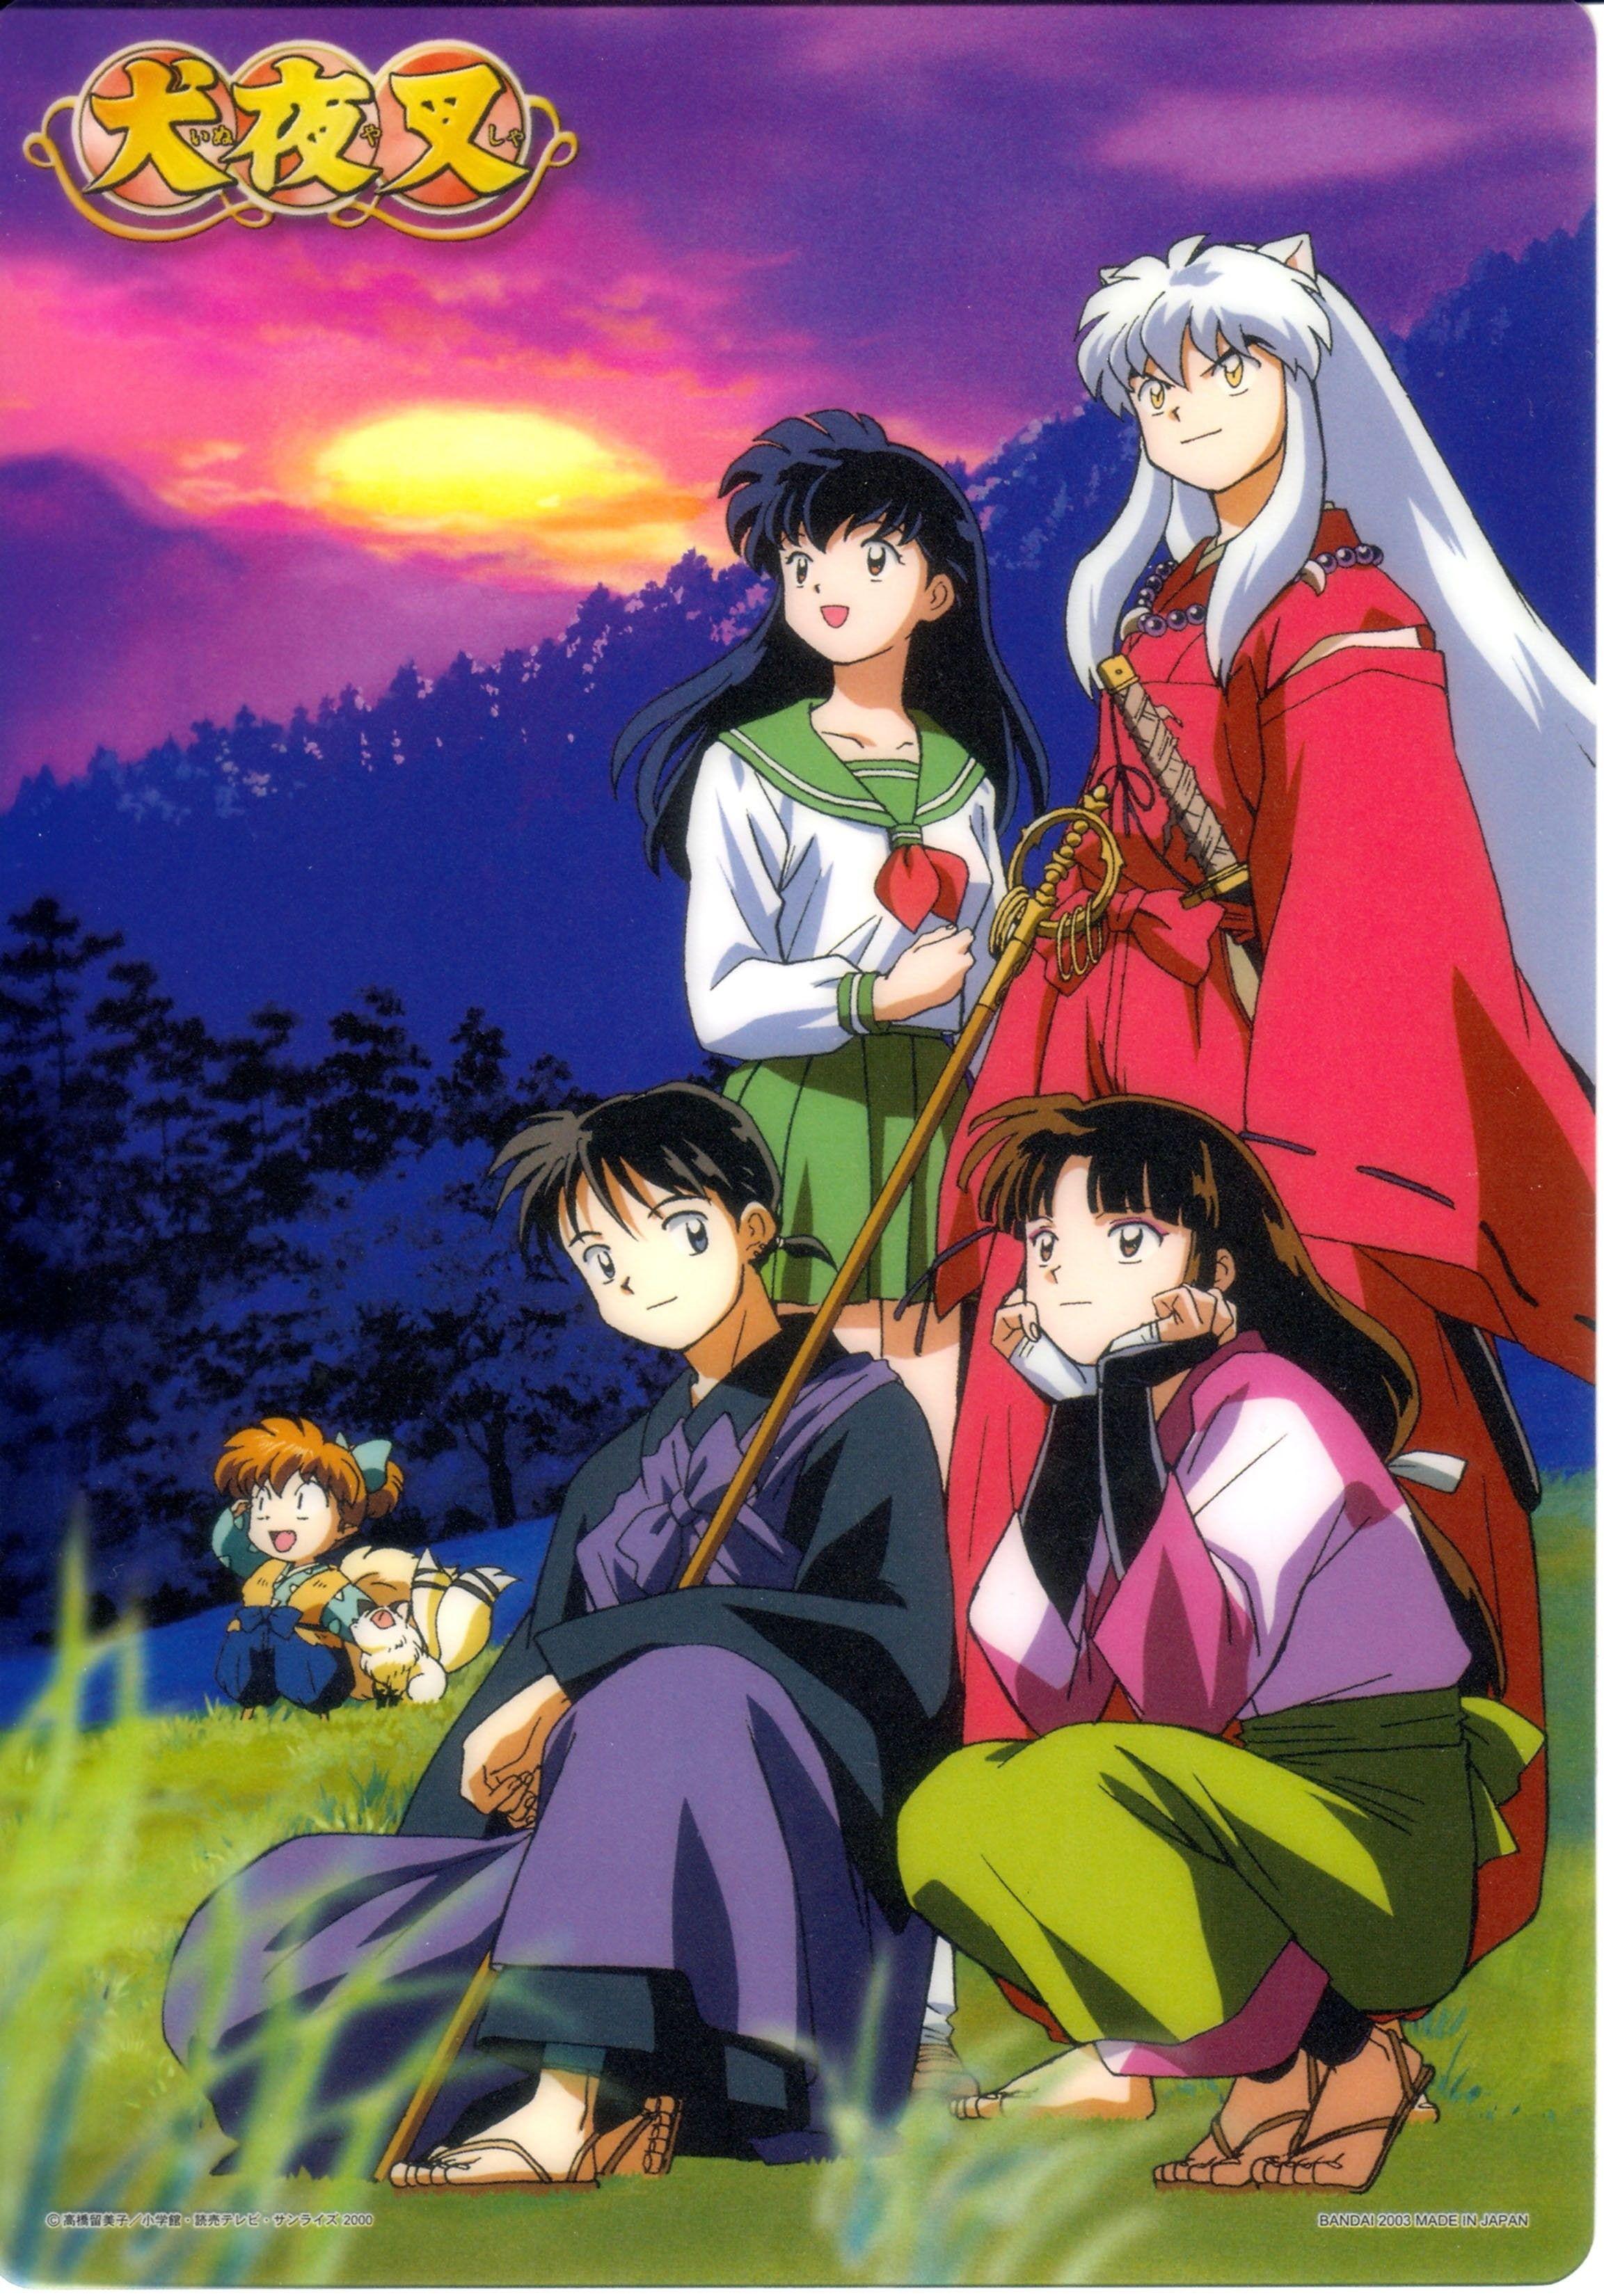 Rin Inuyasha Kirara Kagome Kagura 2305x3300 Anime Inuyasha Hd Art Inuyasha Rin 2k Wallpaper Hdwallpaper Desktop Inuyasha Anime Kagome Higurashi